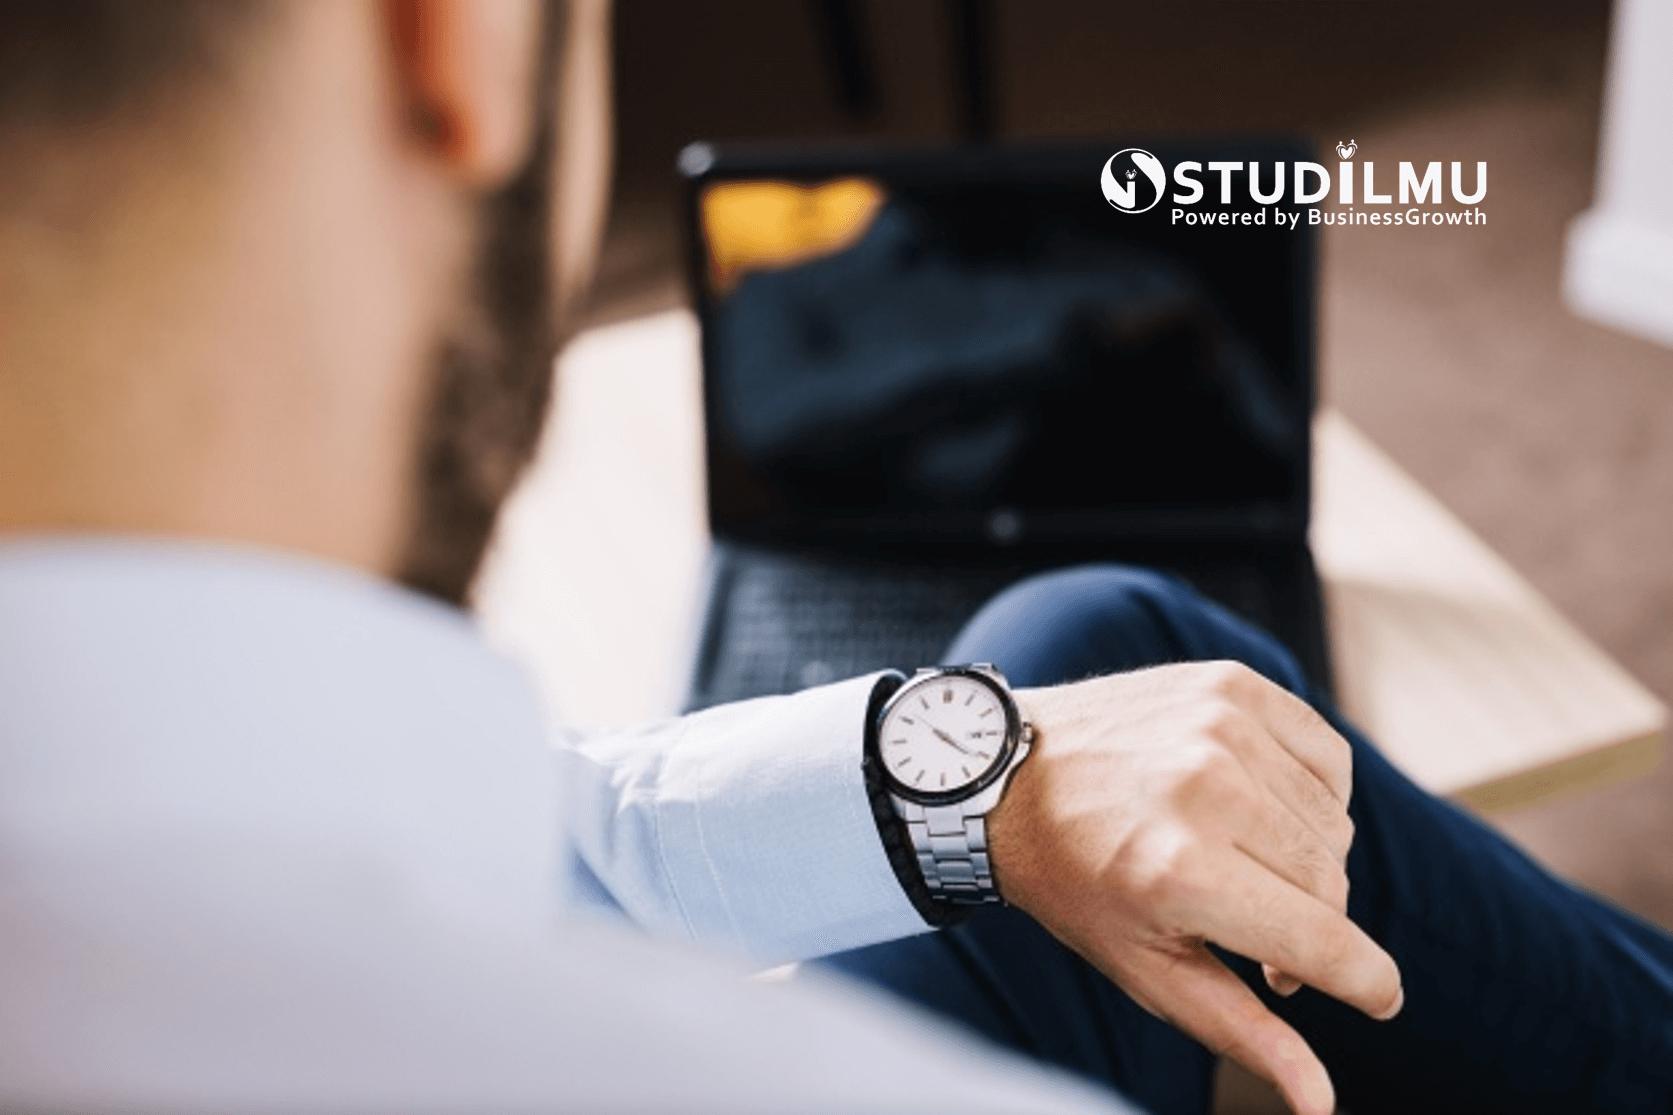 STUDILMU Career Advice - 7 Trik Manajemen Waktu untuk Para Milenial